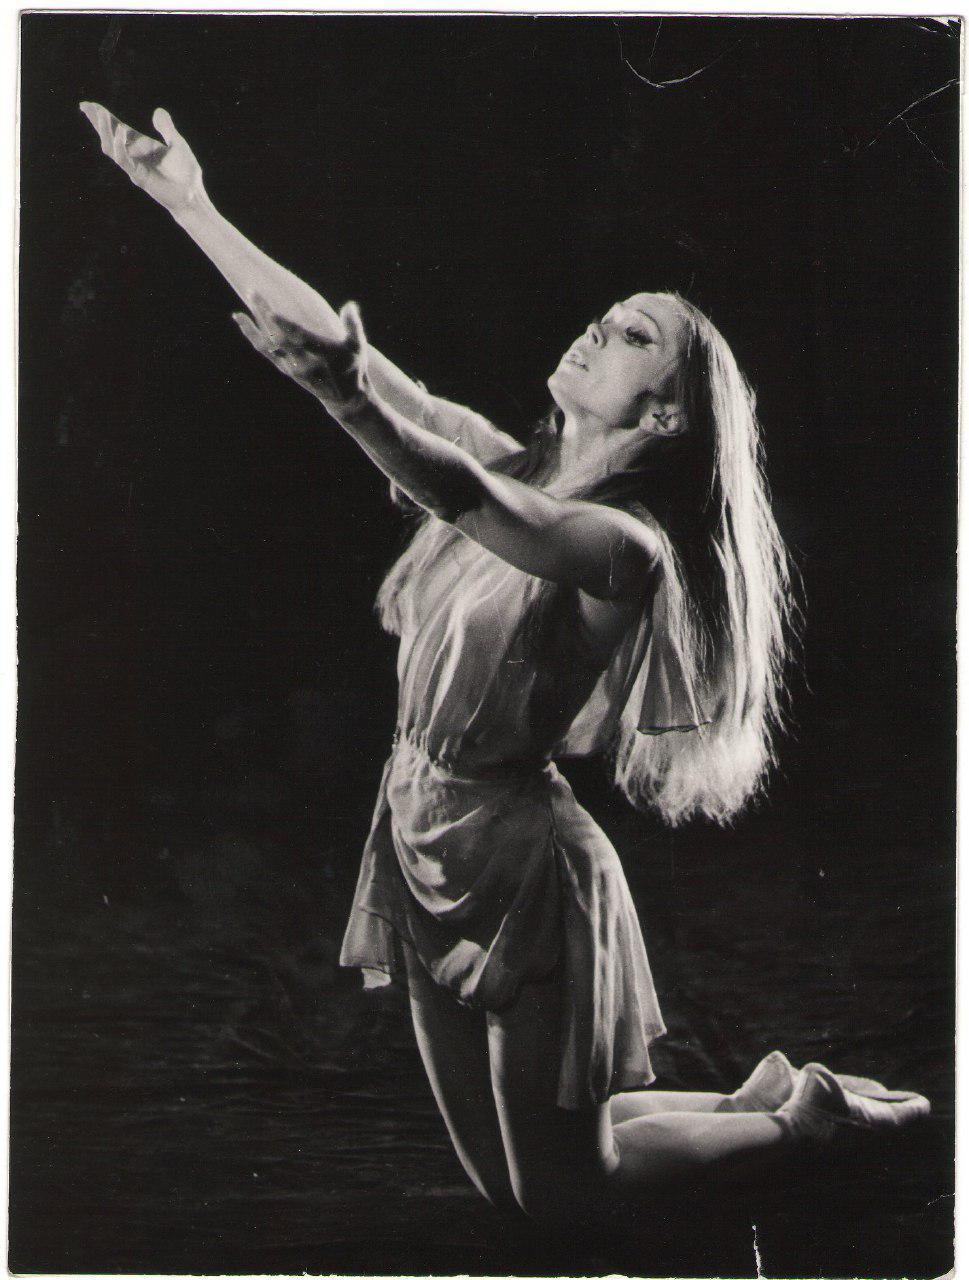 Огромная утрата: ушла из жизни легендарная украинская прима-балерина